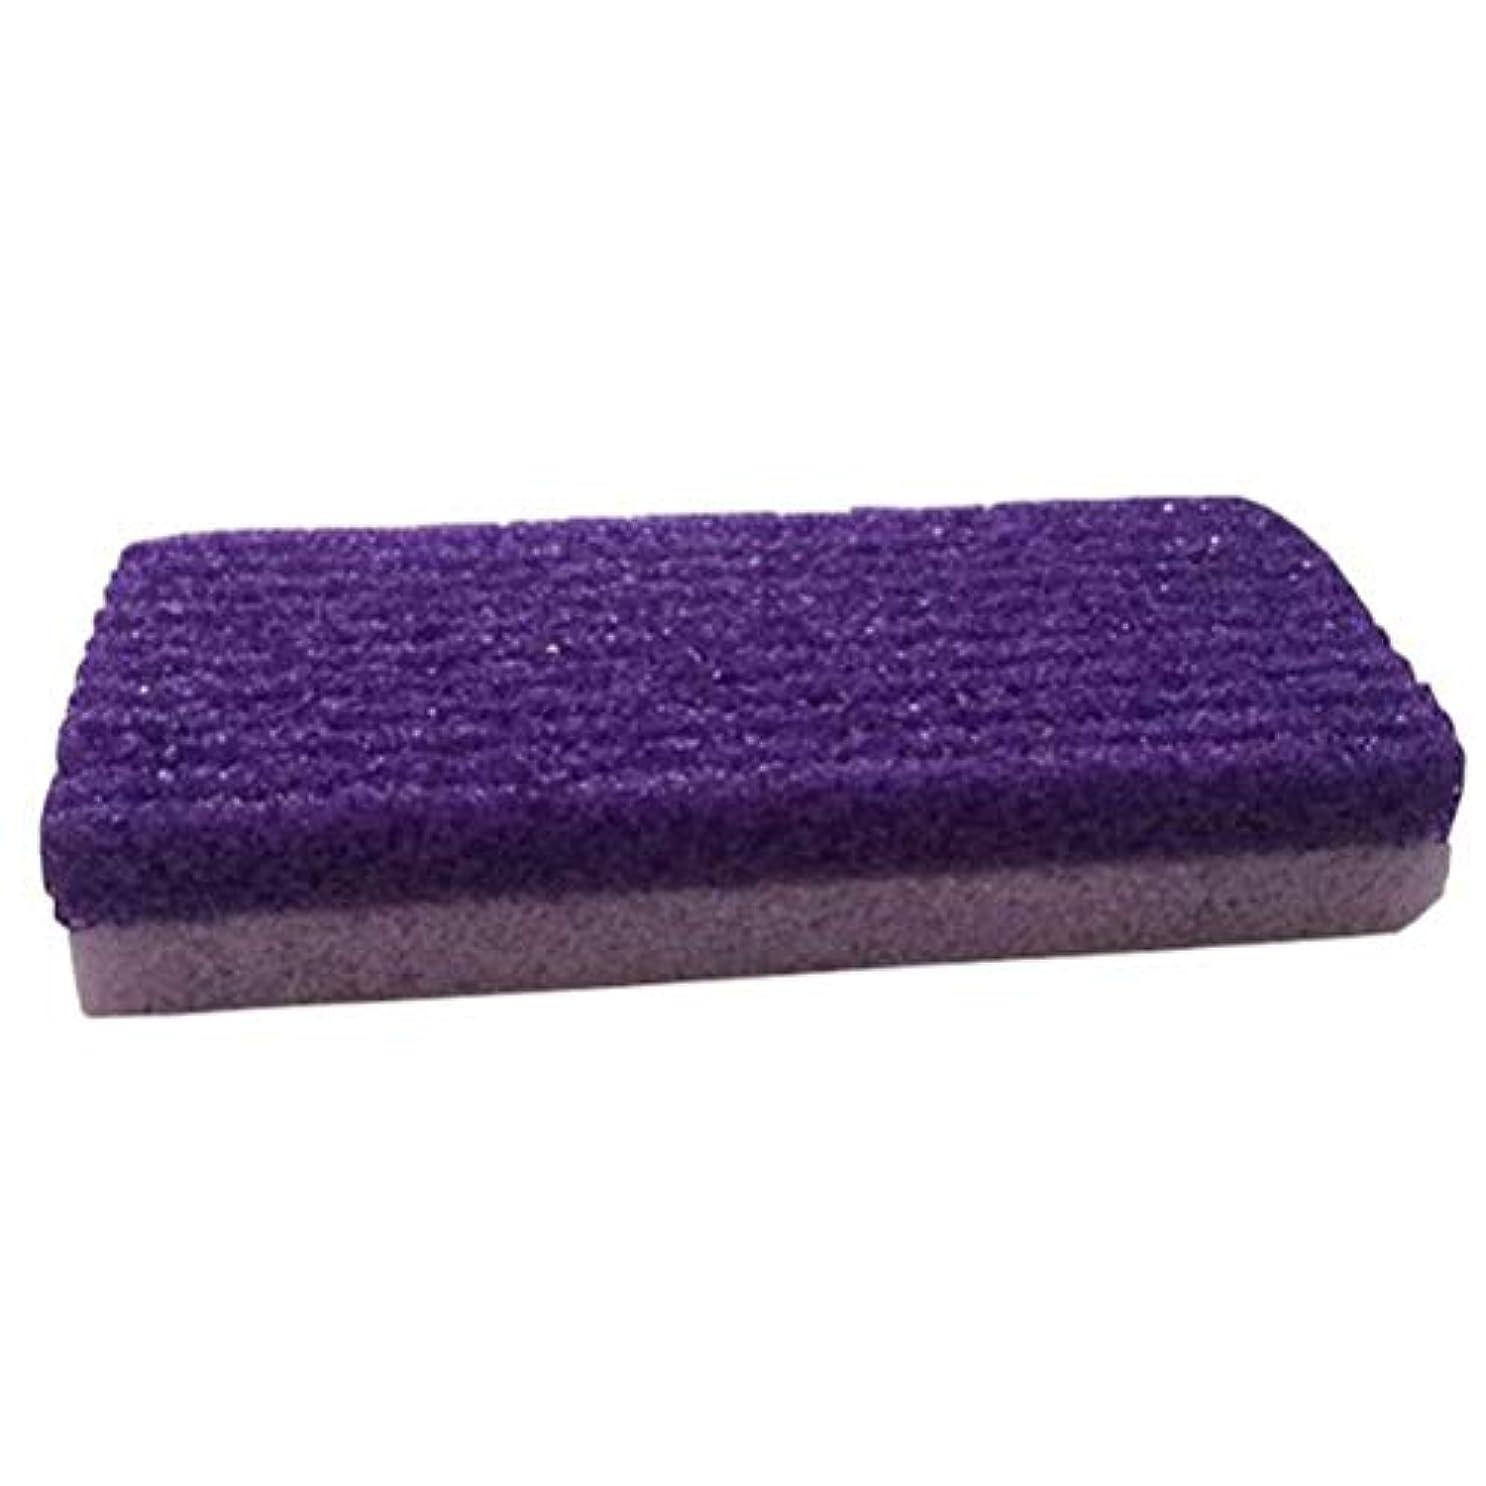 オートマトン掃除取り扱いHEALLILY 1本足スクラバーストーン軽石石足カルスリムーバーひびの入ったヒールデッドスキンコーンスムージングと剥離フットファイルペディキュアツール(紫)